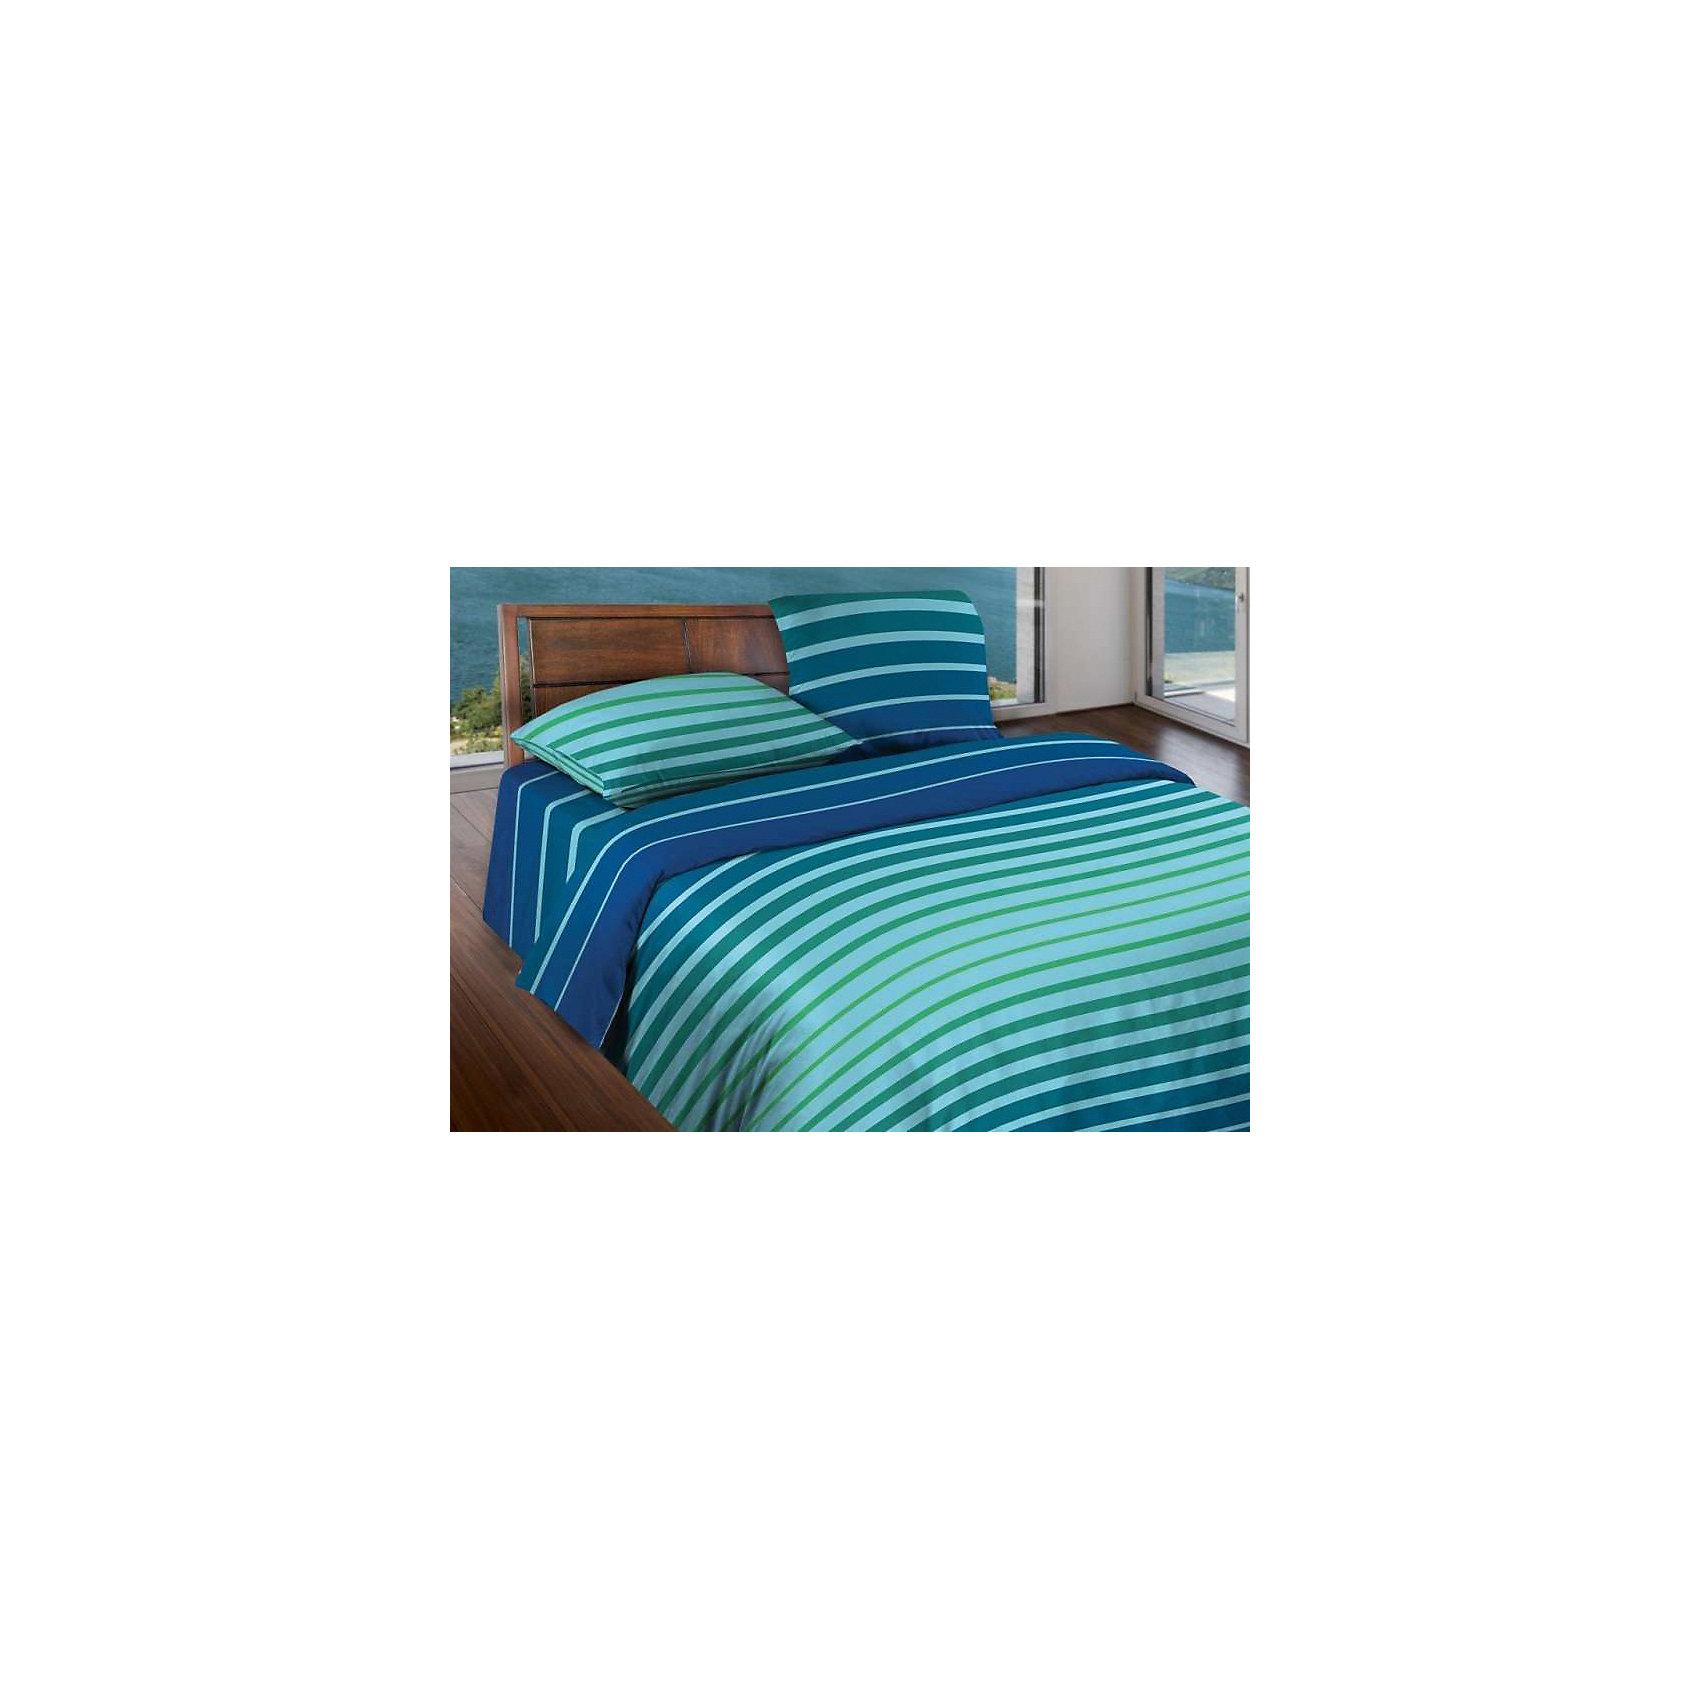 Постельное белье 1,5 сп. Stripe Blue mint БИО Комфорт, Wenge MotionХарактеристики 1,5 спального комплекта постельного белья   Stripe Blue mint  БИО Комфорт, Wenge Motion:<br><br>- производитель: Неотек<br>- материал: бязь<br>- состав: 100% хлопок<br>- размер комплекта: полутораспальный<br>- размер пододеяльника: 215*145 см.<br>- размер простыни: 220*150 см.<br>- размер наволочек: 70*70 (2 шт)<br>- упаковка комплекта: книжка пвх<br>- страна бренда: Россия<br>- страна производитель: Россия<br><br>Комплект постельного 1,5 спального белья  Stripe Blue mint  серии Wenge Motion имеет  одну особенность - двухсторонний пододеяльник с разным цветом с каждой стороны.<br>Однотонное постельное белье будет идеальным вариантом для тех, кто не любит стандартные цветочные или любые другие принты. Главное преимущество однотонного постельного белья – сочетаемость с любым интерьером. К тому же легко обновить декор спальни: достаточно взять простынь или наволочки другого цвета и ее интерьер сразу же преобразиться!<br>Постельное белье  Stripe Blue mint  серии Wenge Motion изготовлено из 100% натурального хлопка. Ткань приятная и мягкая на ощупь, имеет ровную и гладкую поверхность.<br>Комплект имеет повышенную износостойкость, не скатывается, сохраняет яркость цвета после многократных стирок.<br><br>Комплекта постельного белья   Stripe Blue mint  серии Wenge Motion можно купить в нашем интернет-магазине.<br><br>Ширина мм: 370<br>Глубина мм: 70<br>Высота мм: 370<br>Вес г: 1400<br>Возраст от месяцев: 36<br>Возраст до месяцев: 216<br>Пол: Унисекс<br>Возраст: Детский<br>SKU: 5100114